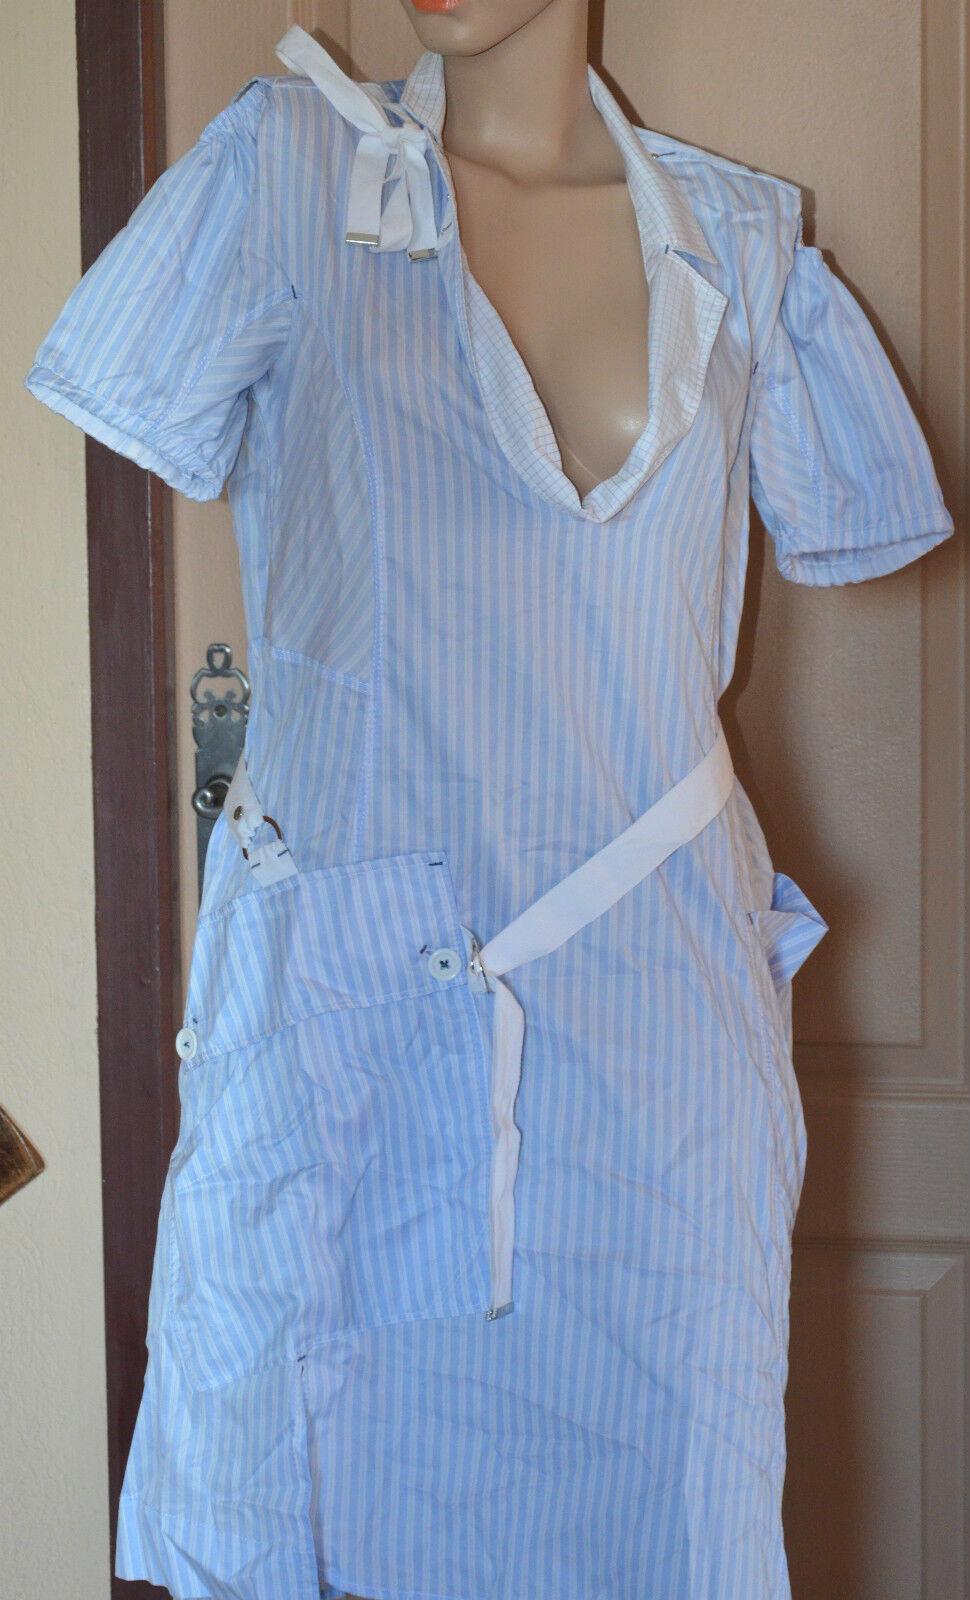 Bel vestito vestito vestito azzurro cielo a strisce bianco HIGH USE taglia 34 NUOVA ETICHETTA c9b0cf